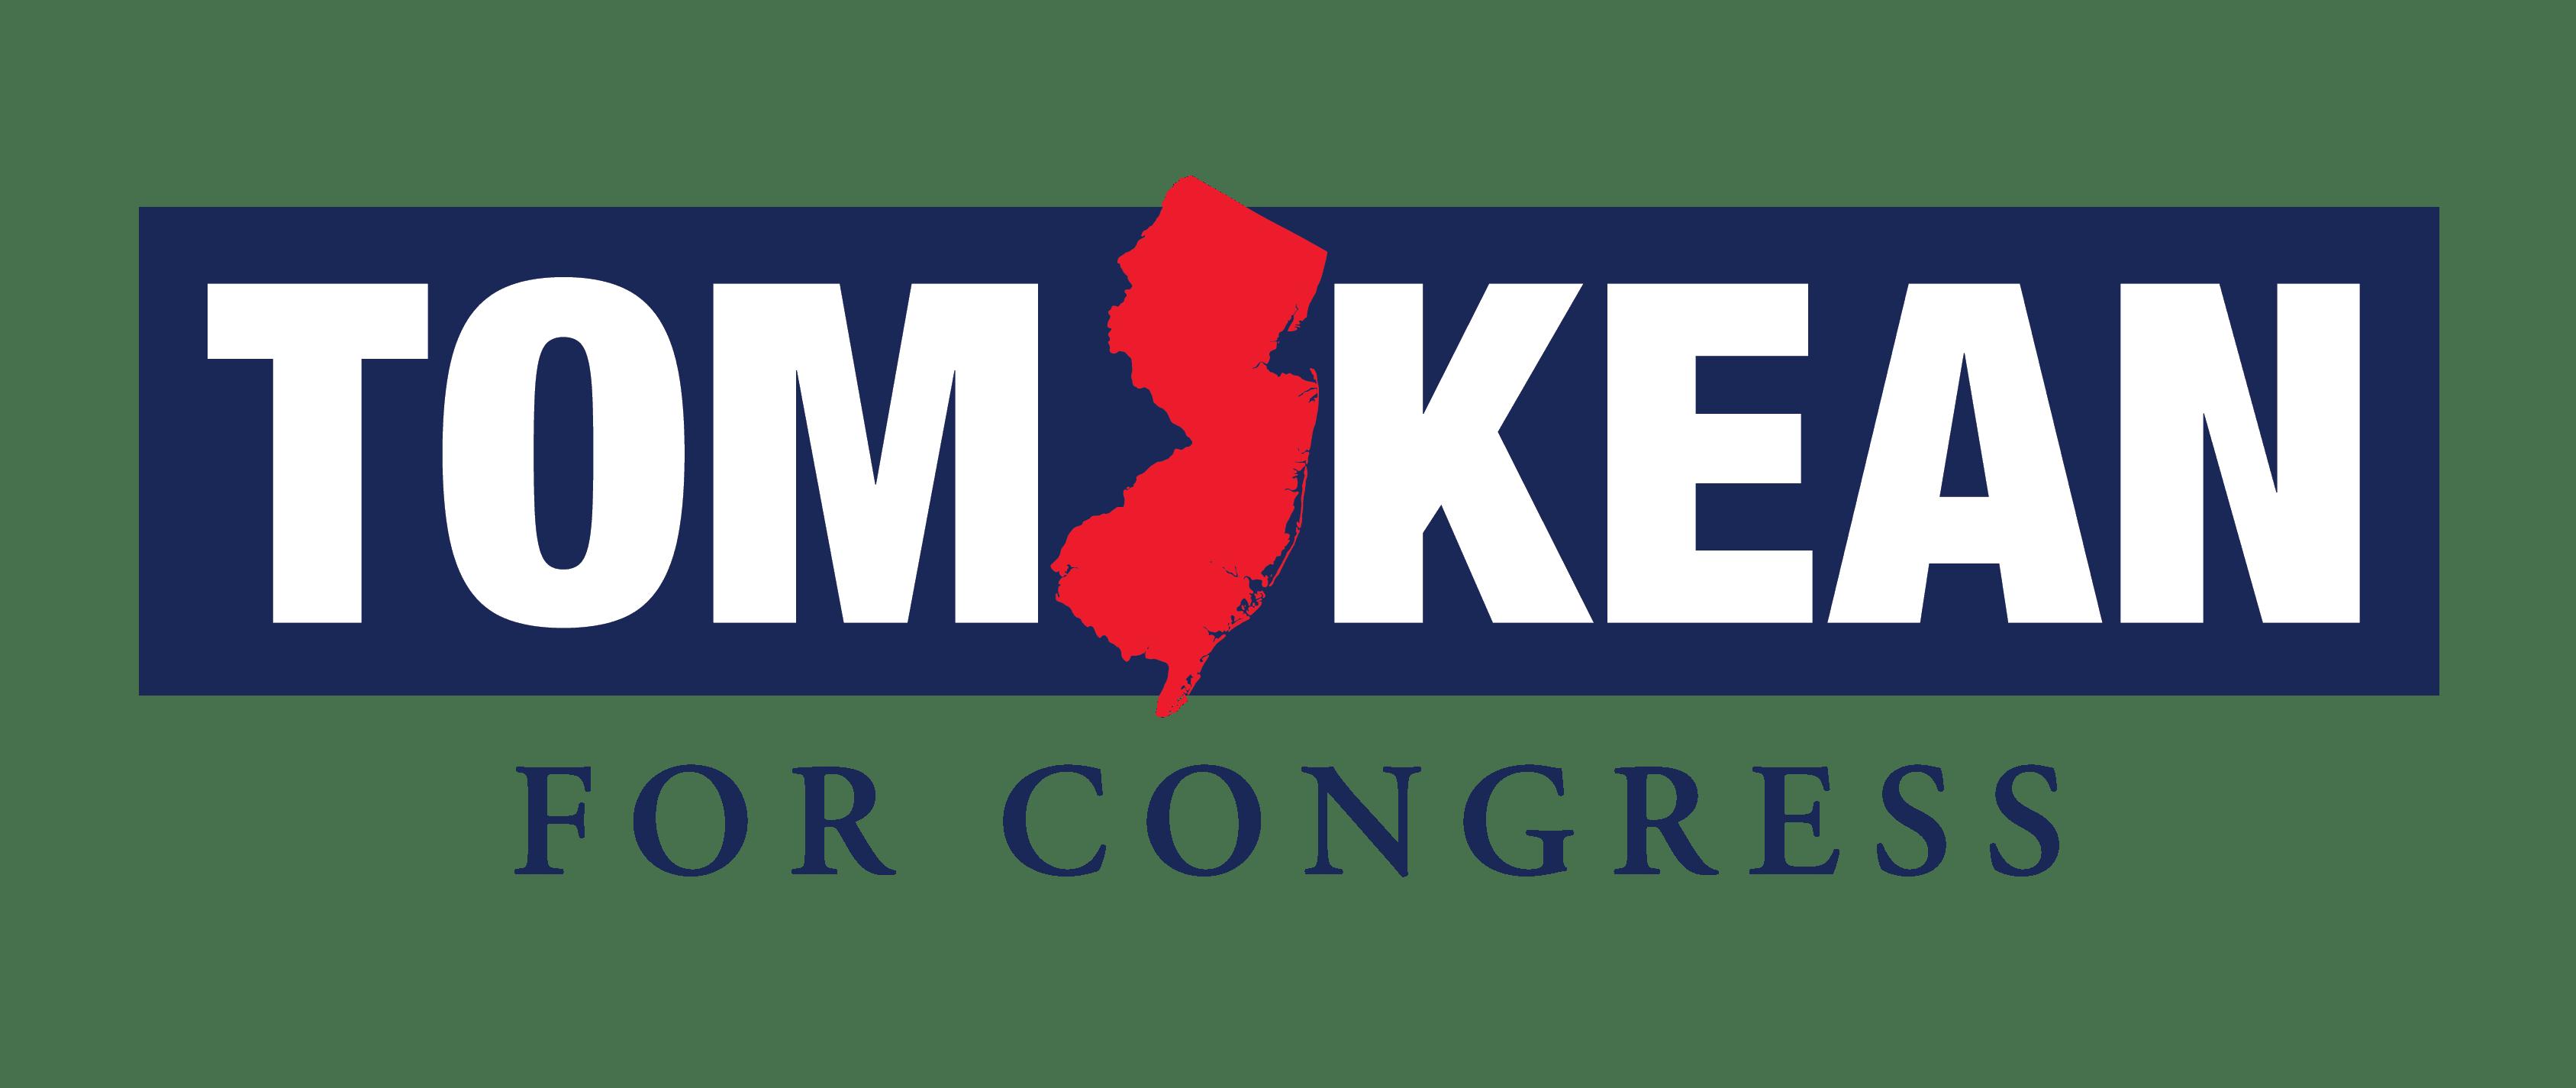 Tom Kean logo